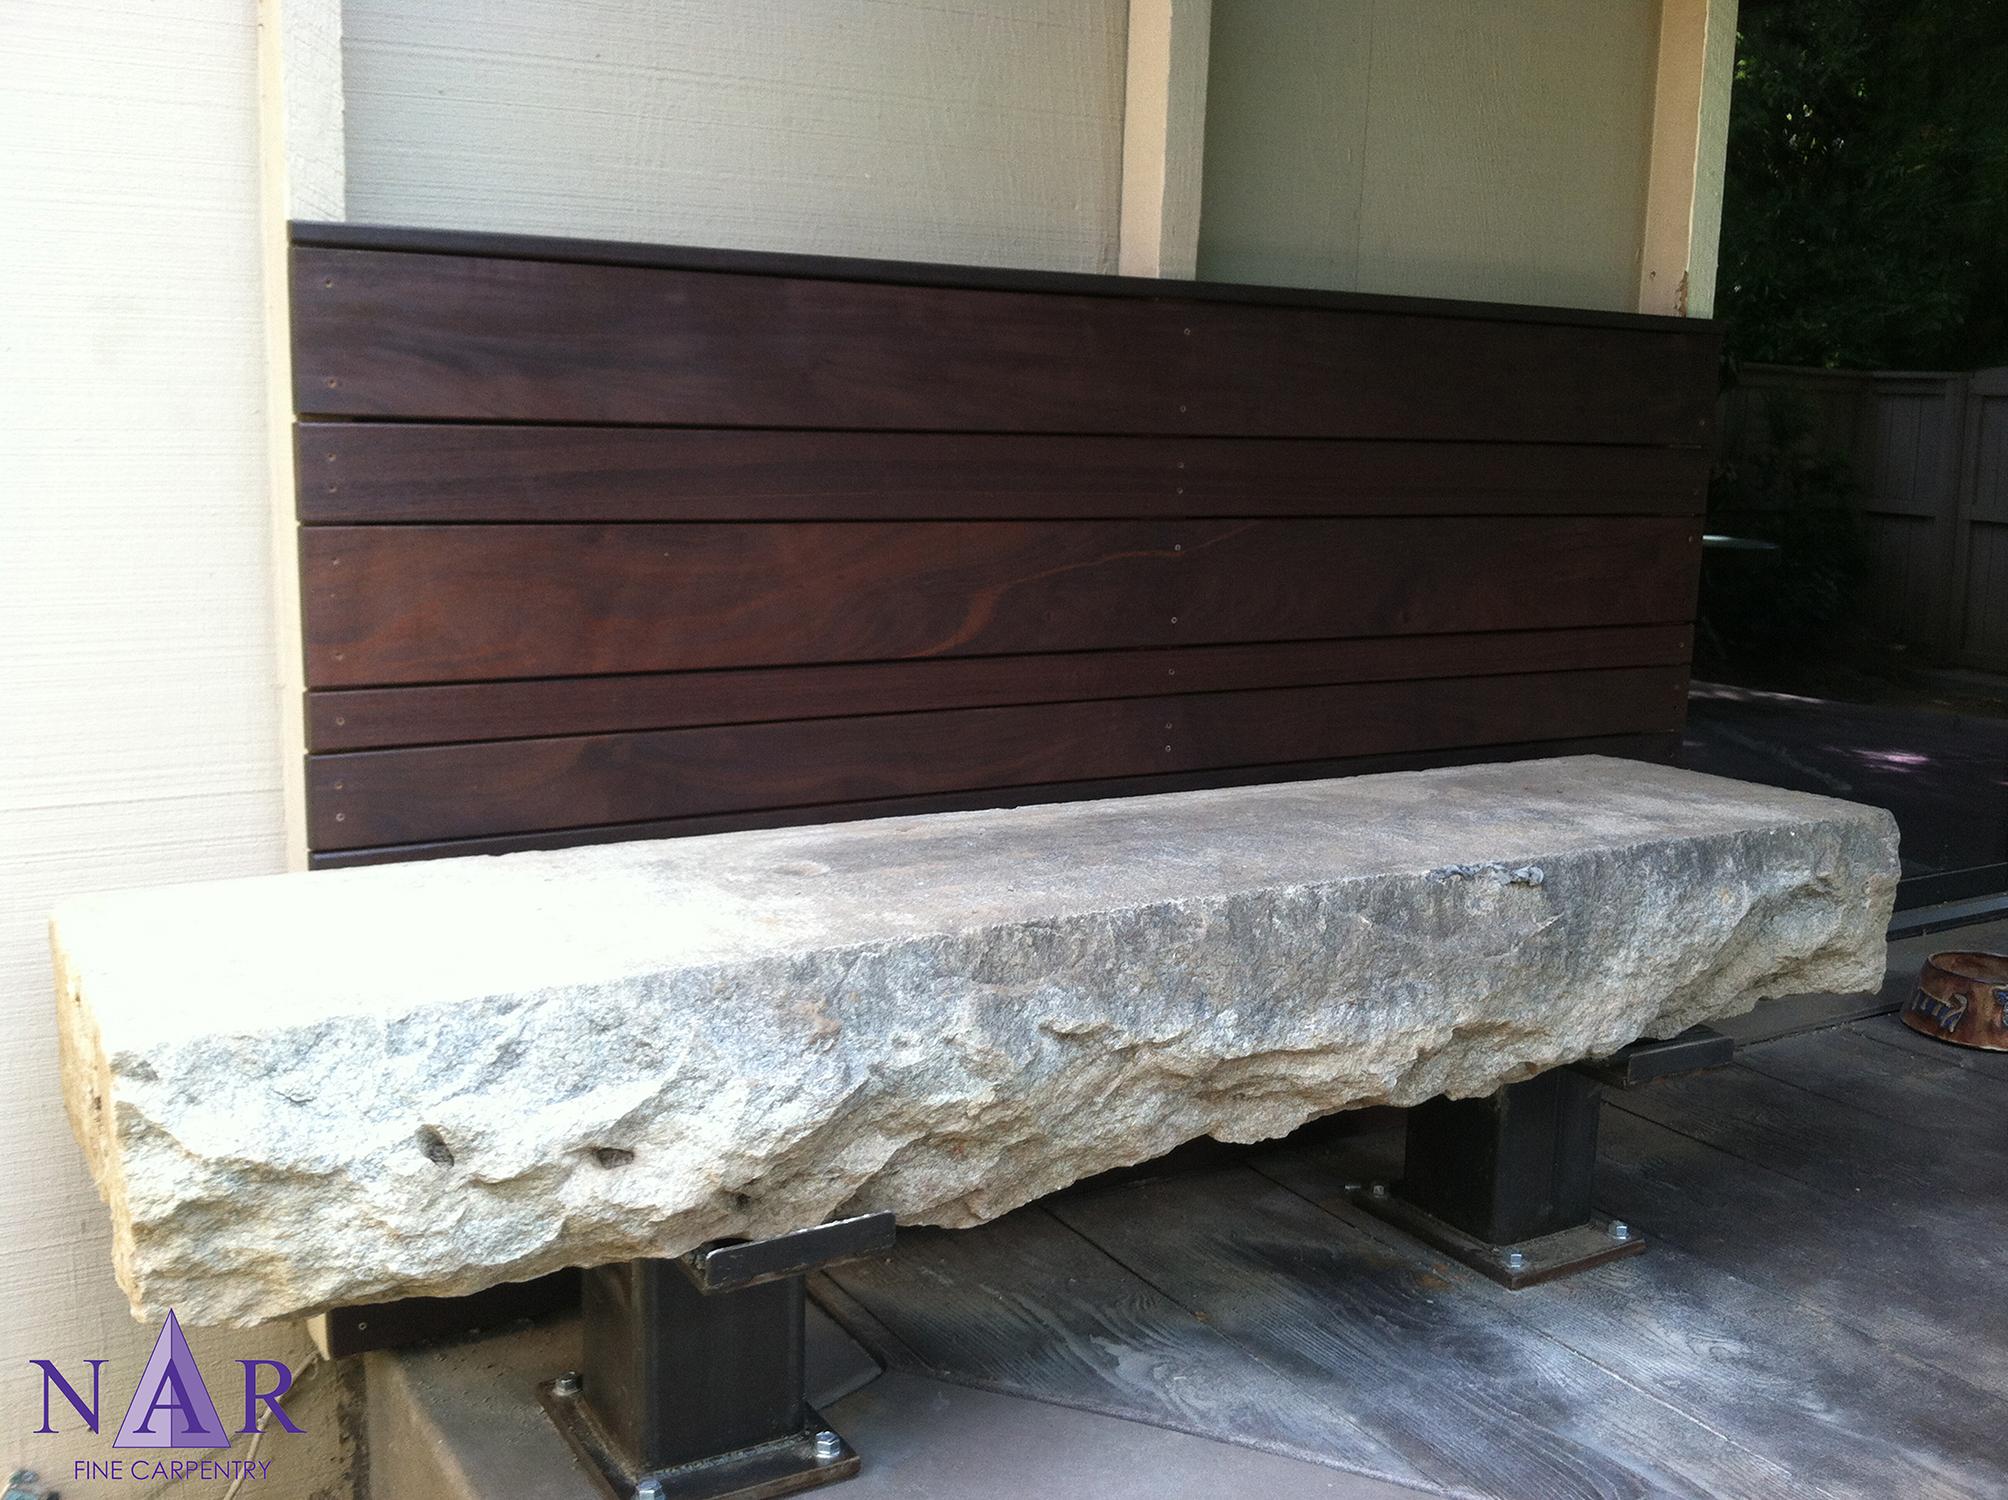 Special Features. Nar Fine Carpentry.Sacramento. El Dorado Hills